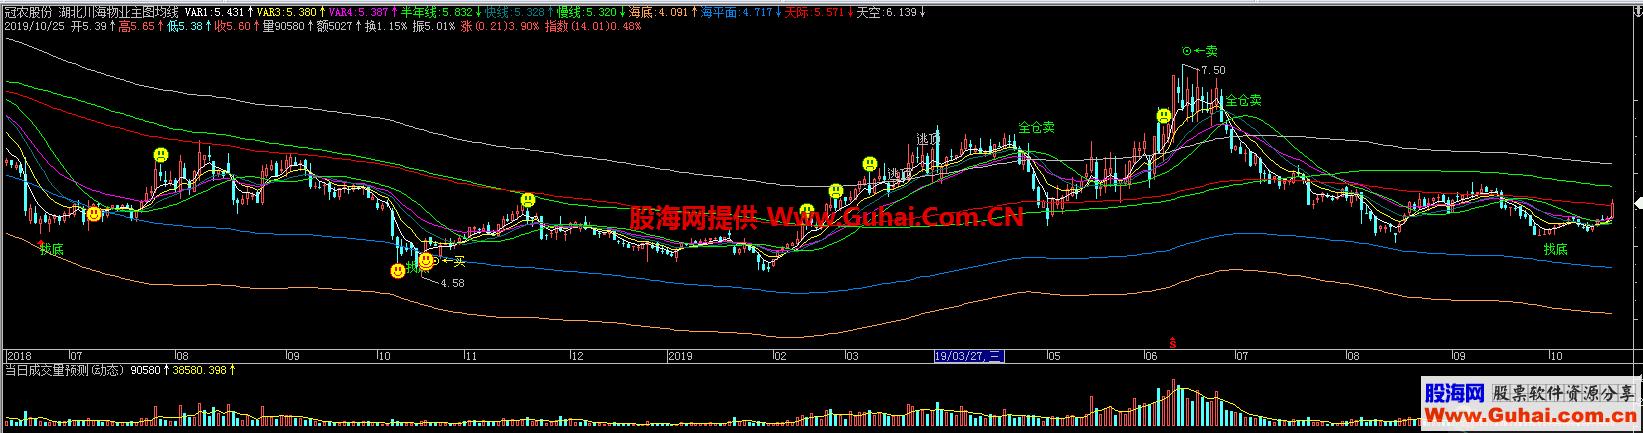 飞狐湖北川海物业主图均线